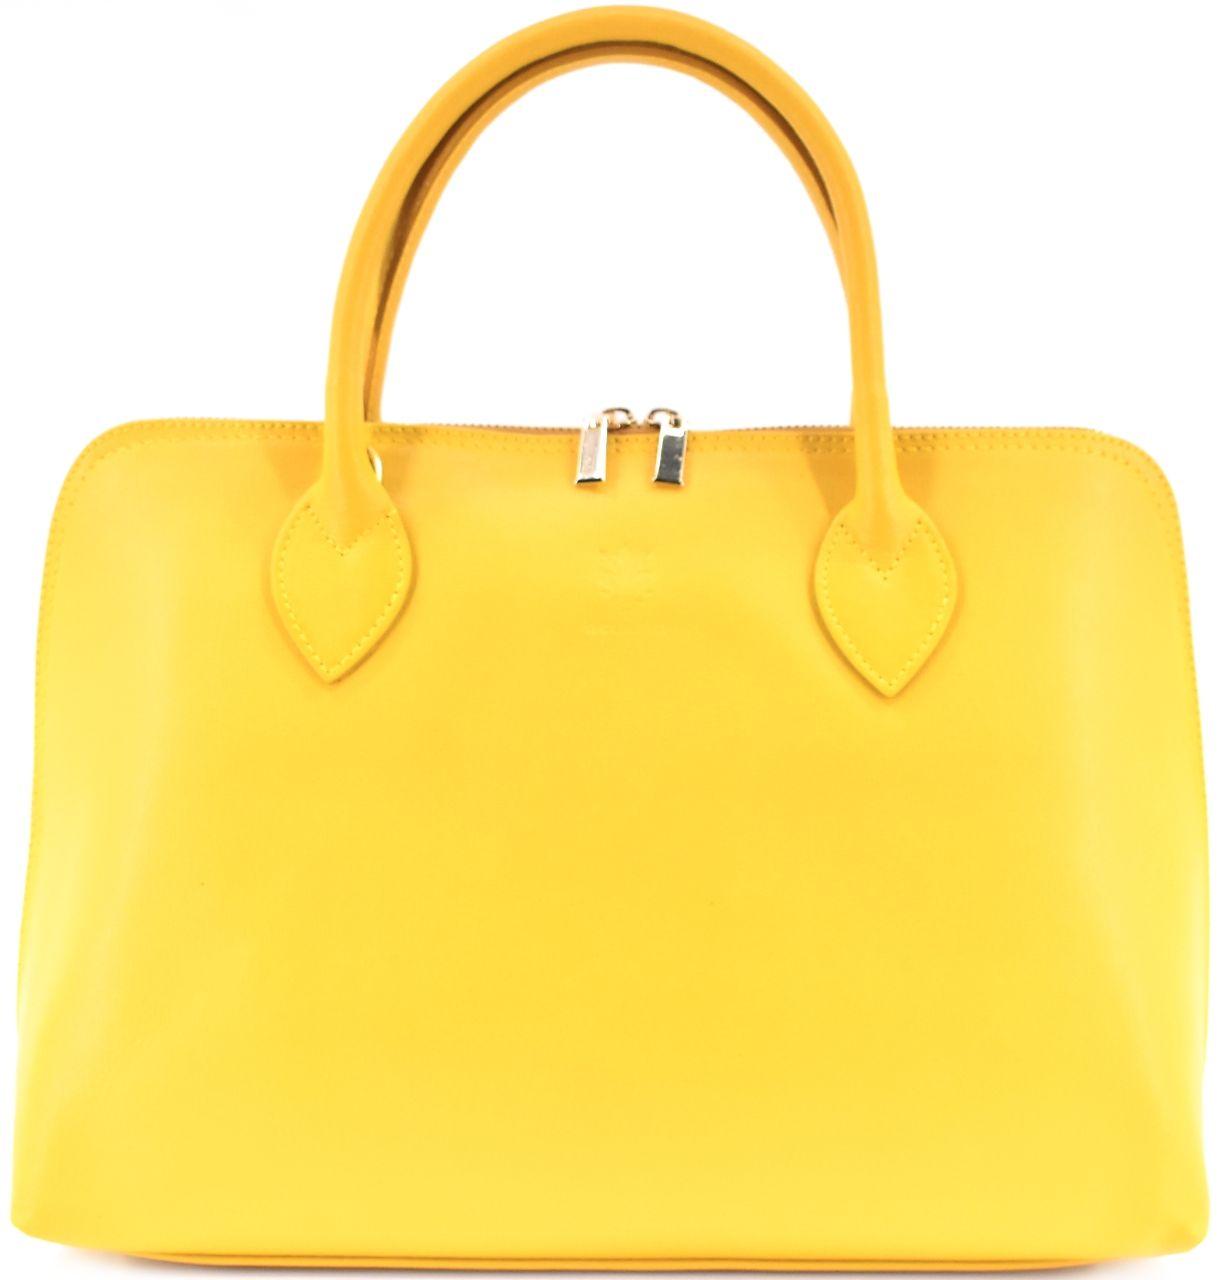 Dámská kožená kabelka Arteddy - žlutá 32445